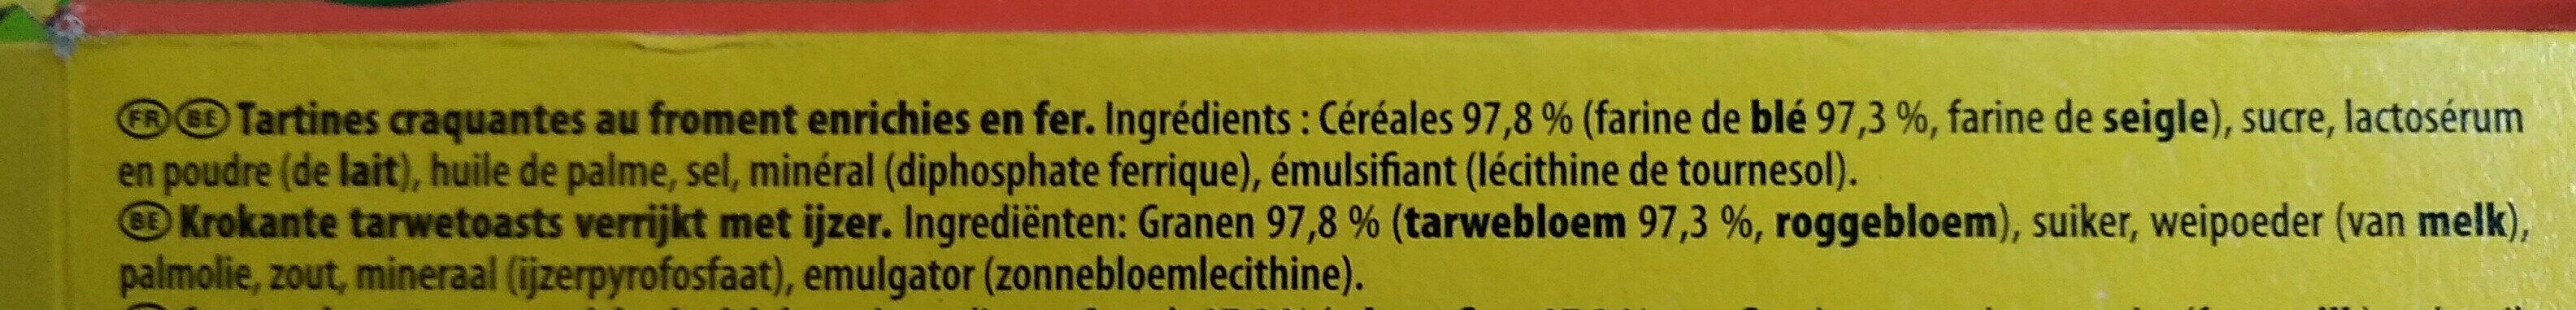 Cracotte - Ingrediënten